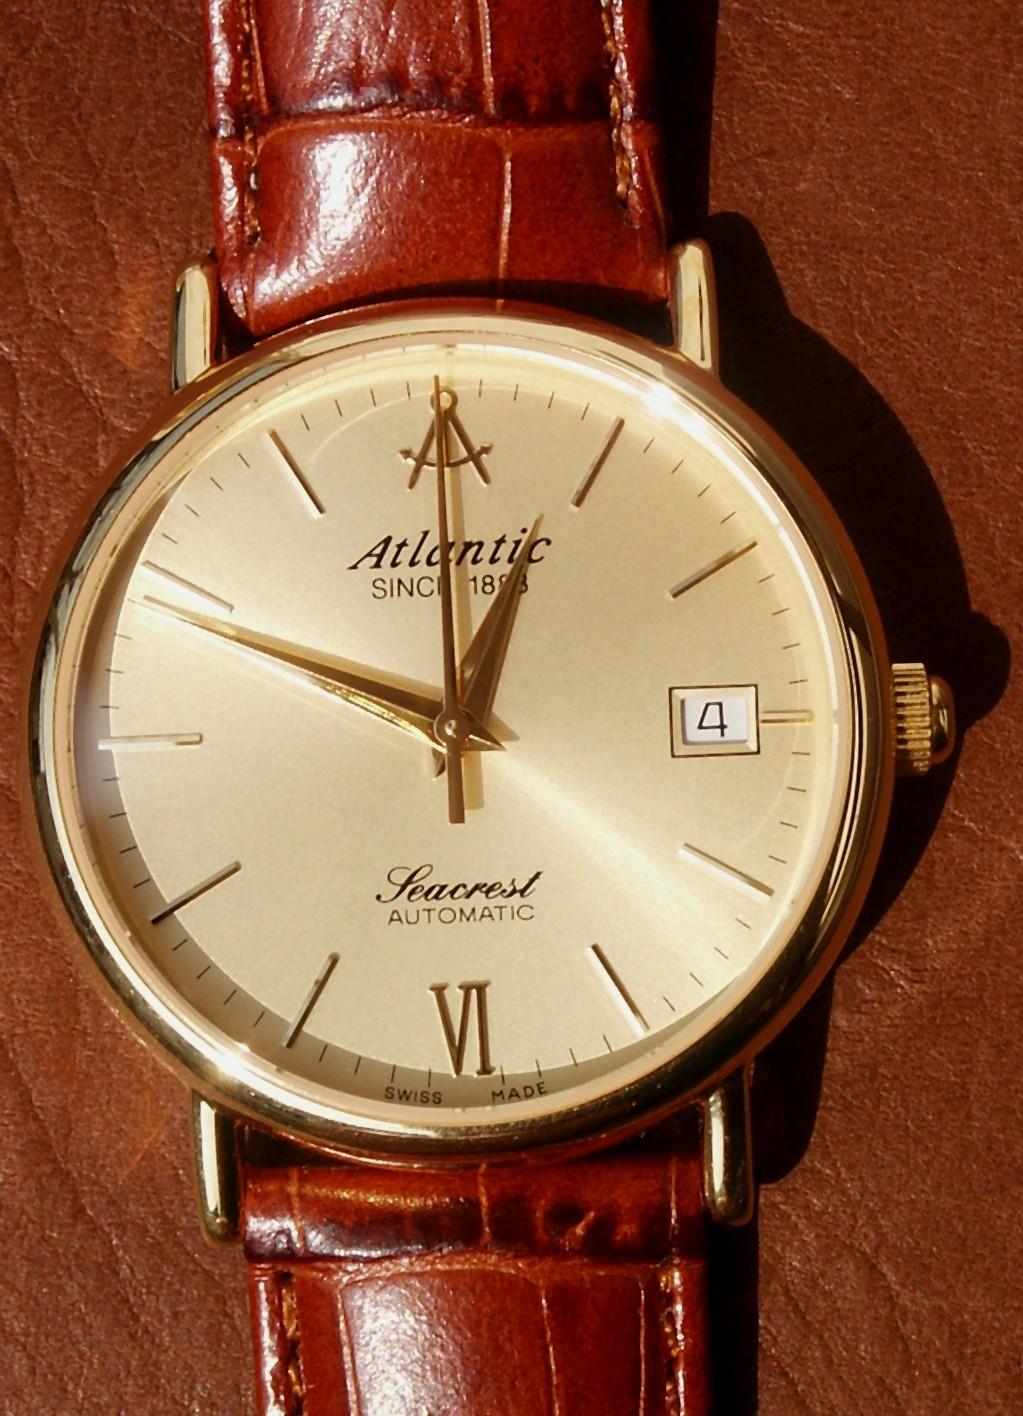 Atlantic Seacrest automatic Atlantic Seacrest automatic ... 38db3229d9